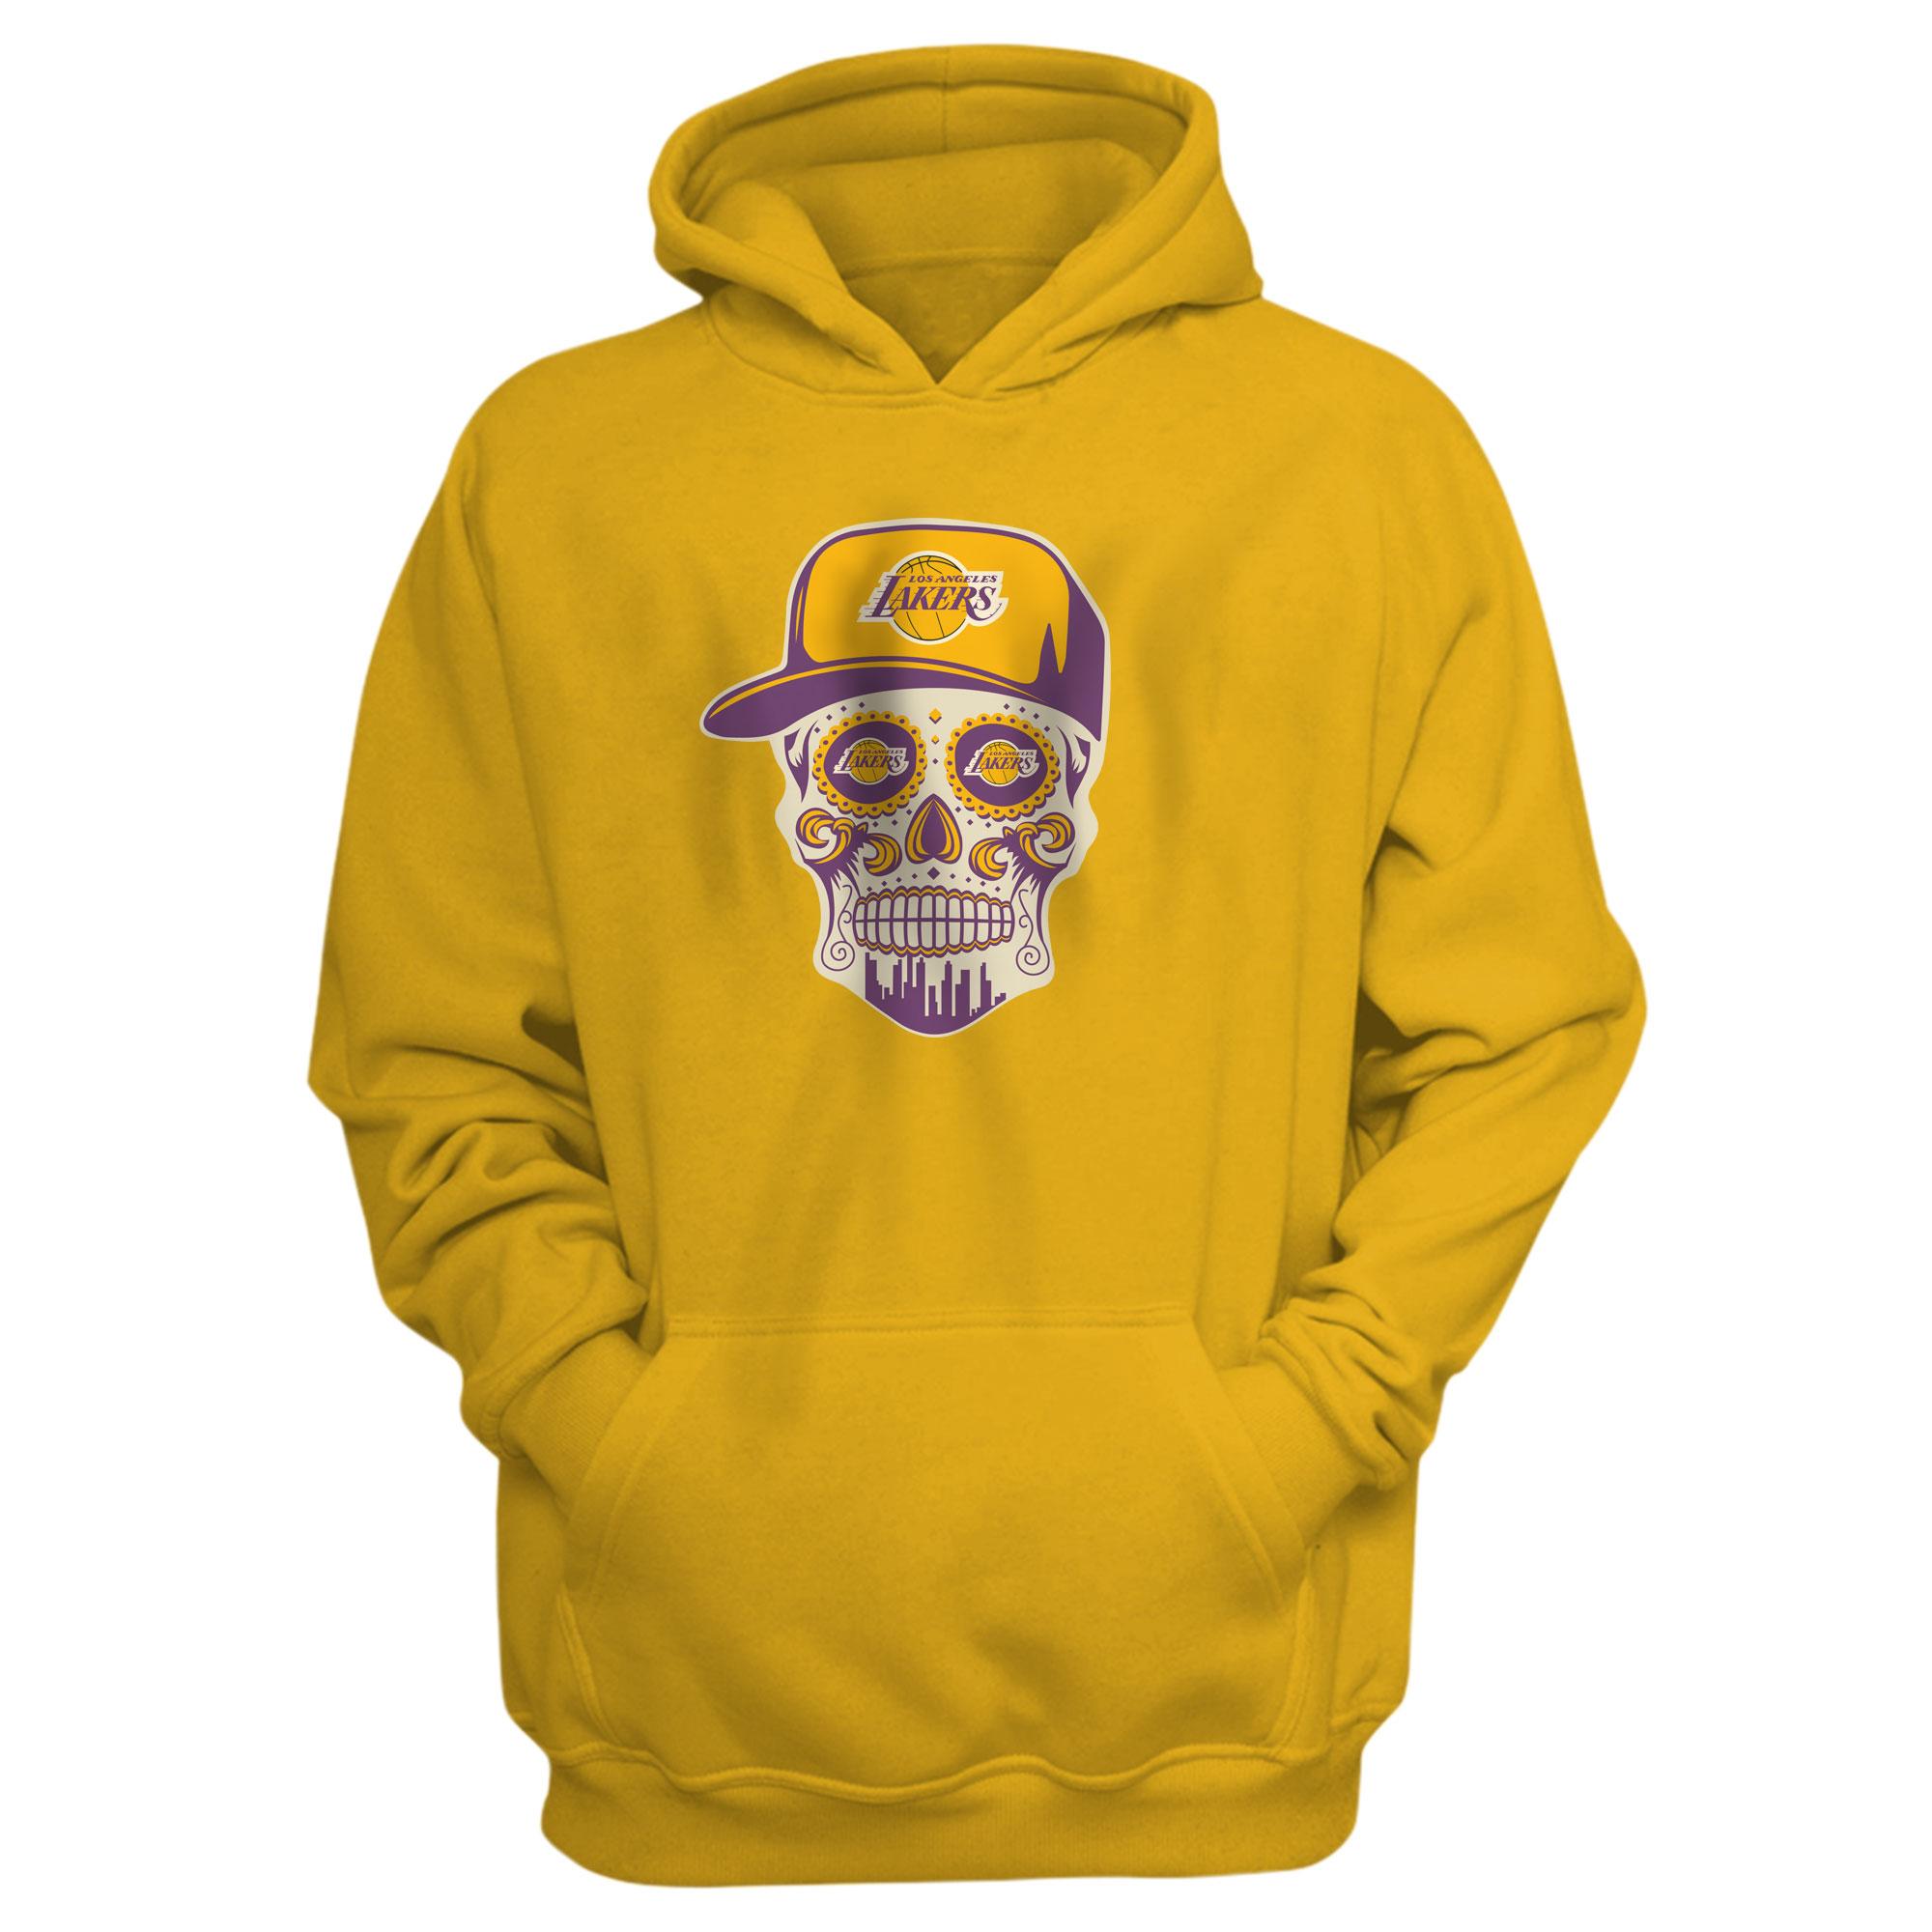 Lakers Skull Hoodie (HD-YLW-NP-454-NBA-LKRS-SKULL)